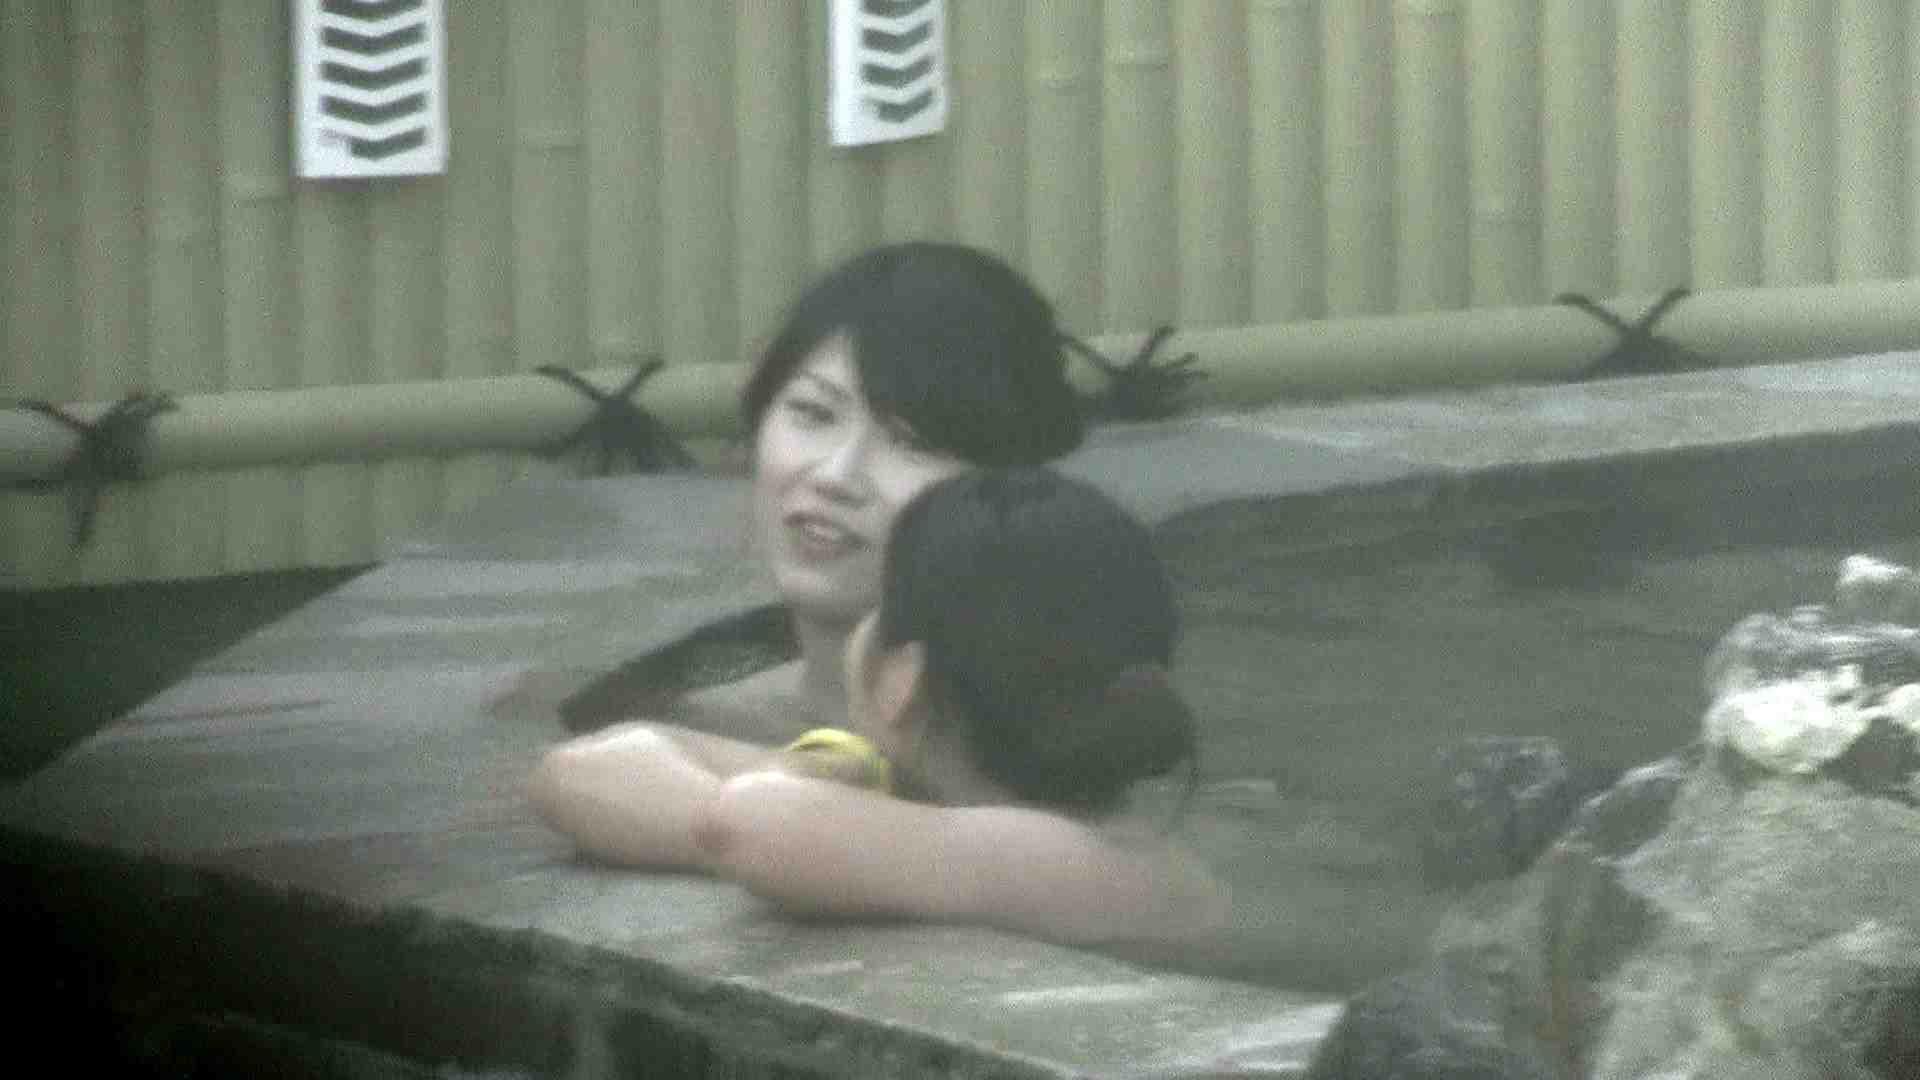 Aquaな露天風呂Vol.206 0 | 盗撮大放出  59連発 21